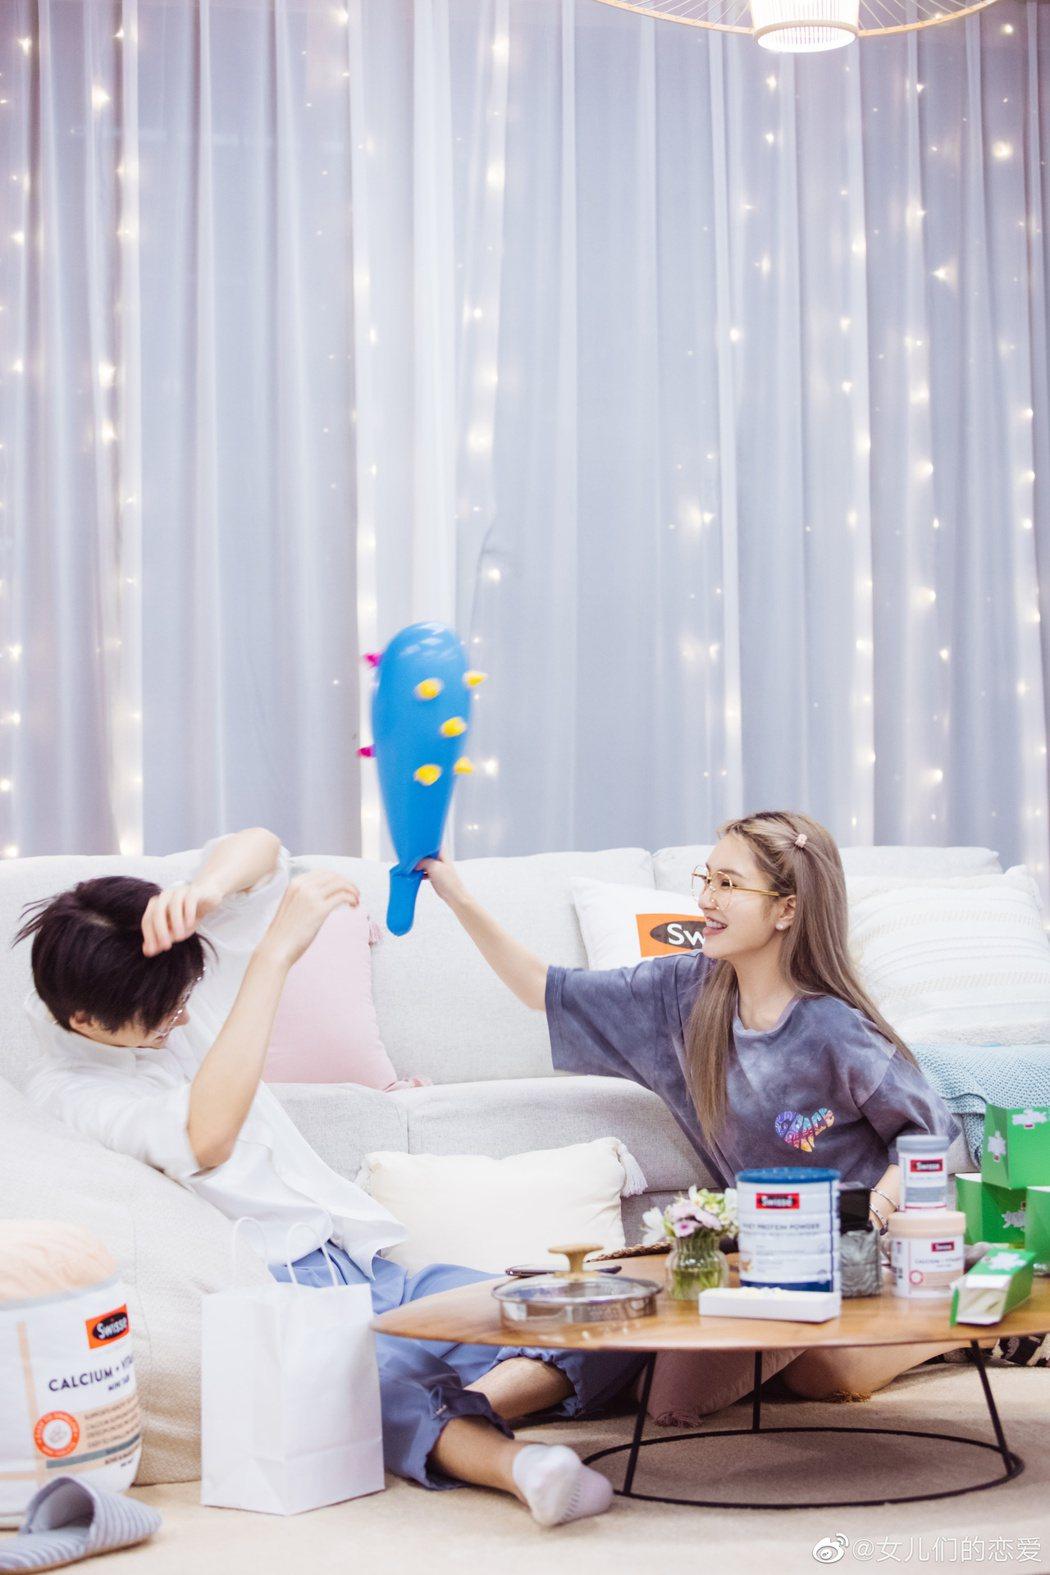 周揚青(右)開心地和陳瑞豐打打鬧鬧。圖/摘自微博